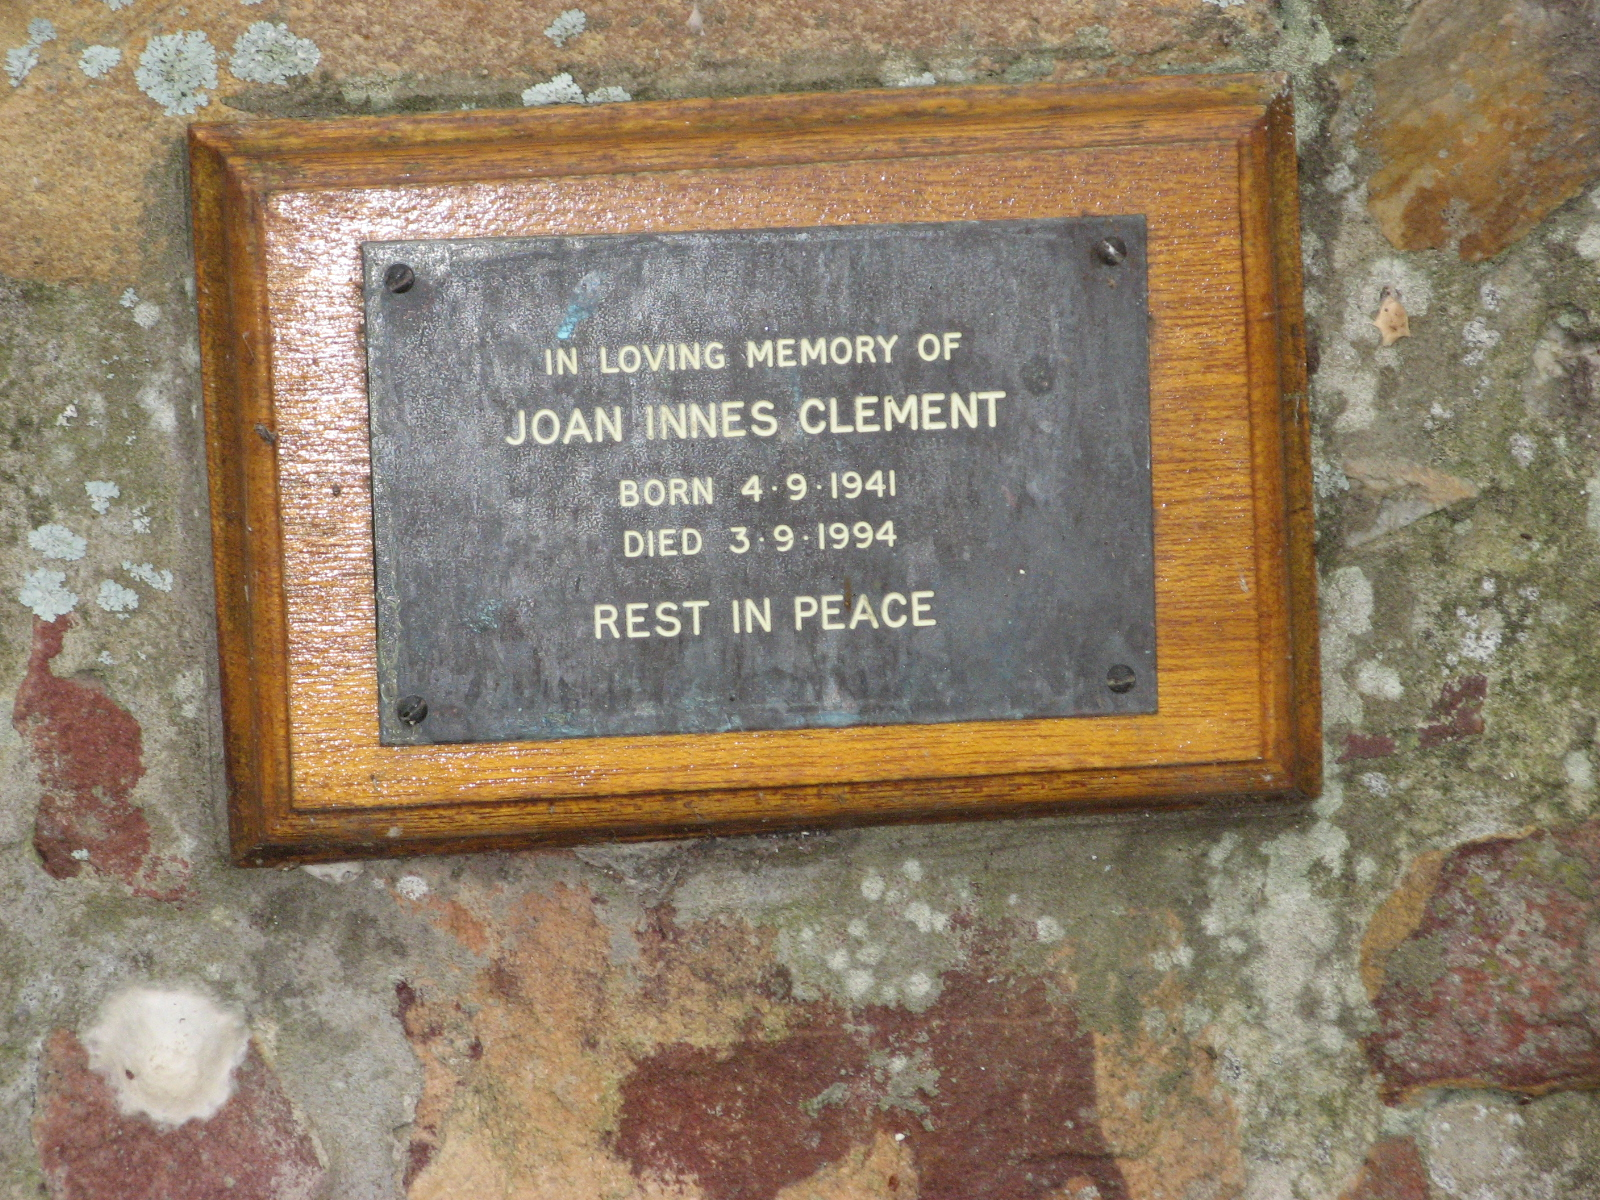 Clement, Joan Innes